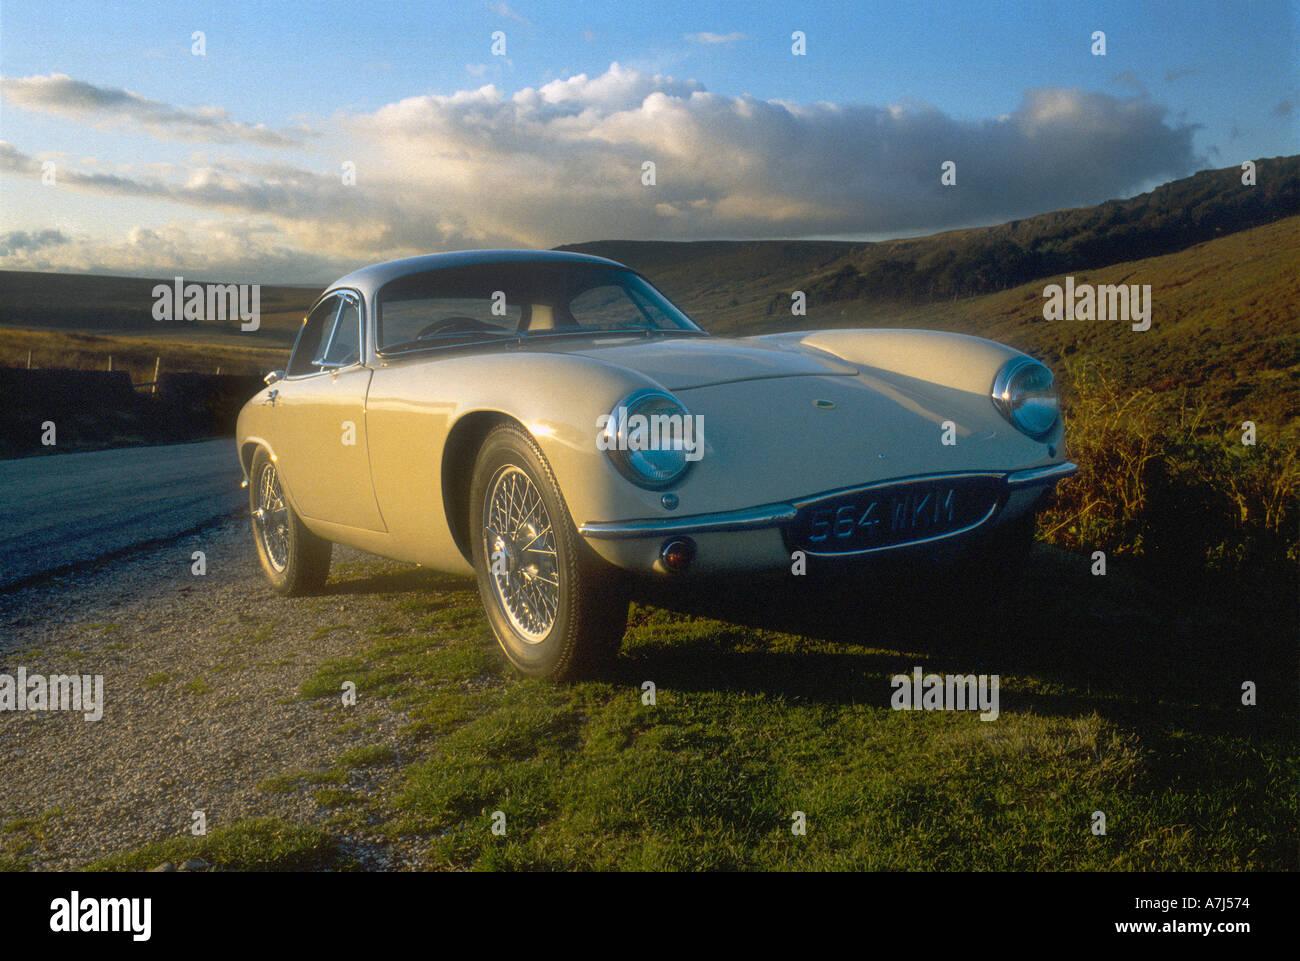 Superb Lotus Elite Special Equipment Classic Sports Car   Stock Image